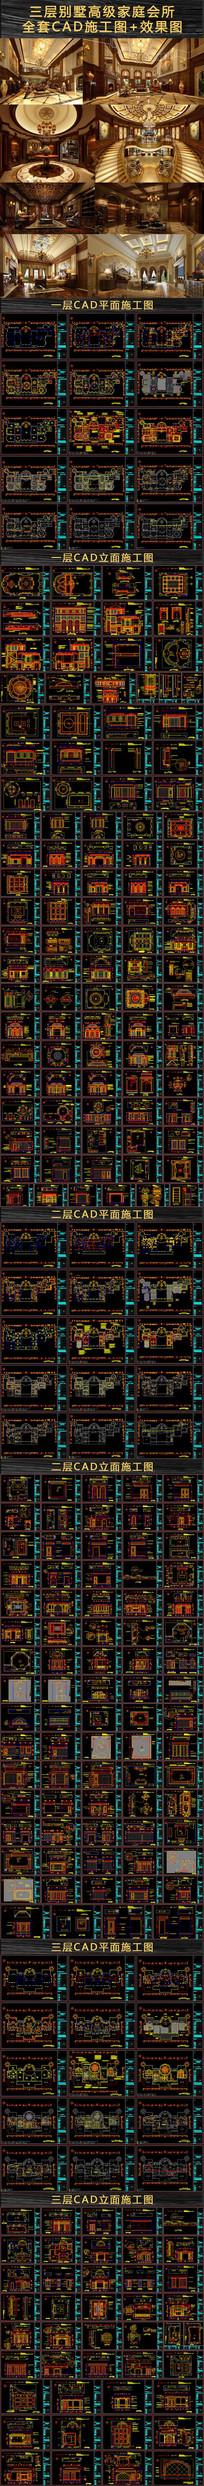 高级别墅会所CAD施工效果图